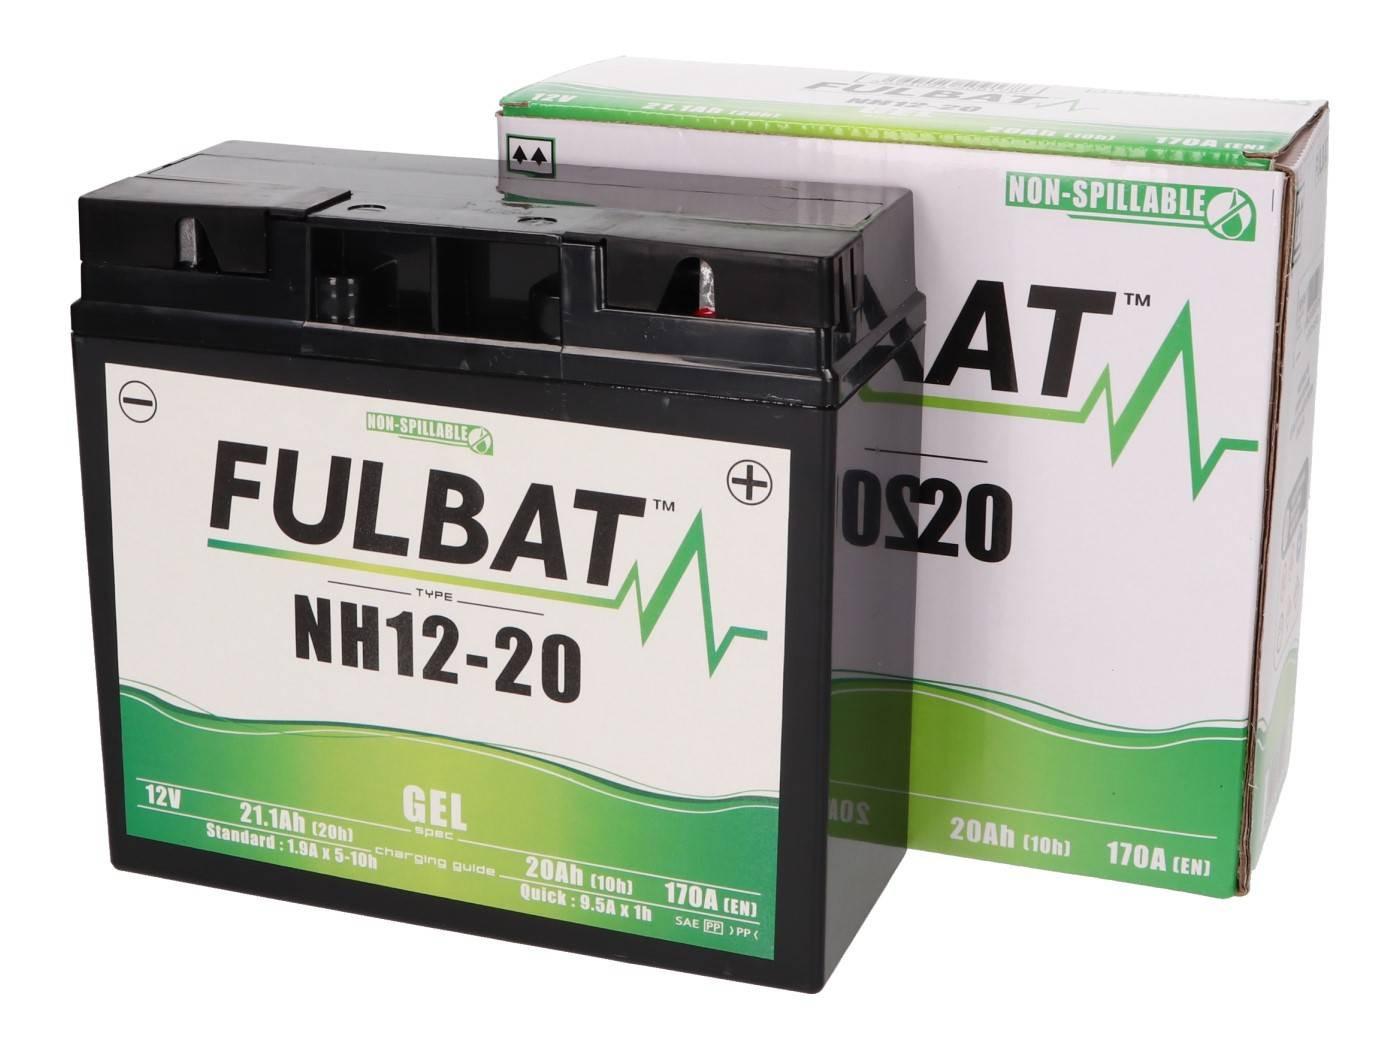 Fulbat NH12-20 / NH12-18 GEL zselés akkumulátor fűnyíró traktorokhoz és gépekhez